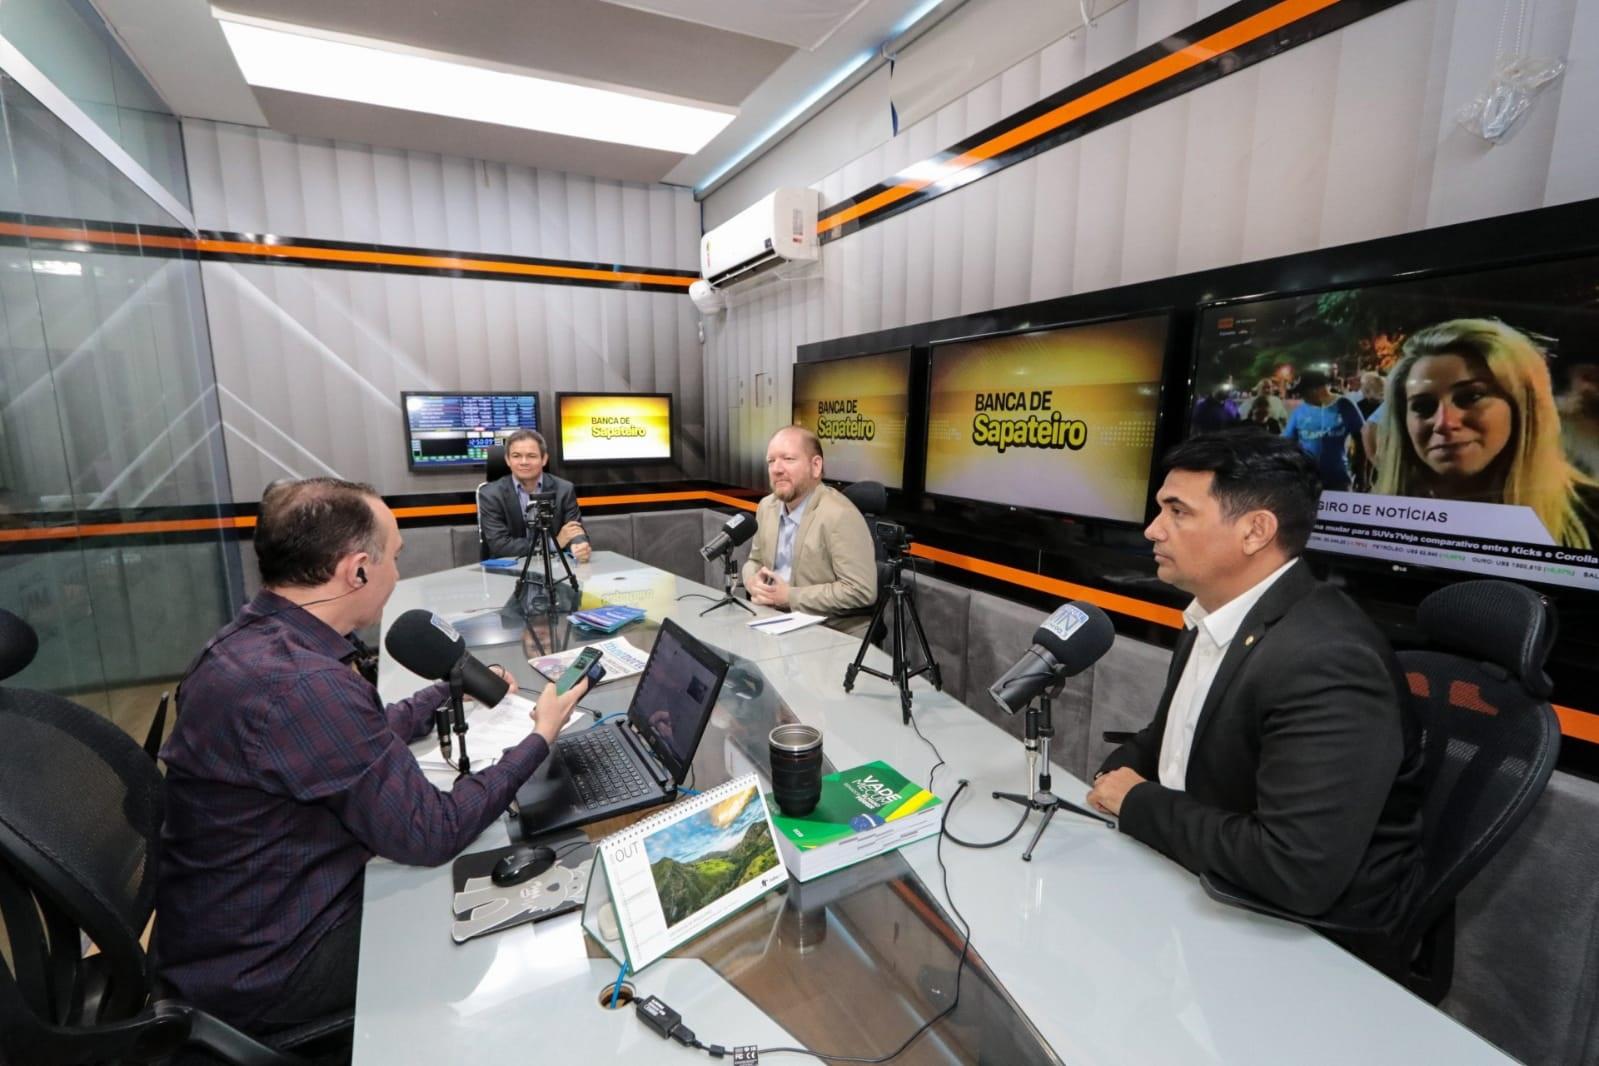 Othelino Neto, Welligton do Curso e Rafael Leitoa conheceram o Sistema Meio Norte de Comunicação em Teresina, onde concederam entrevista sobre a ação